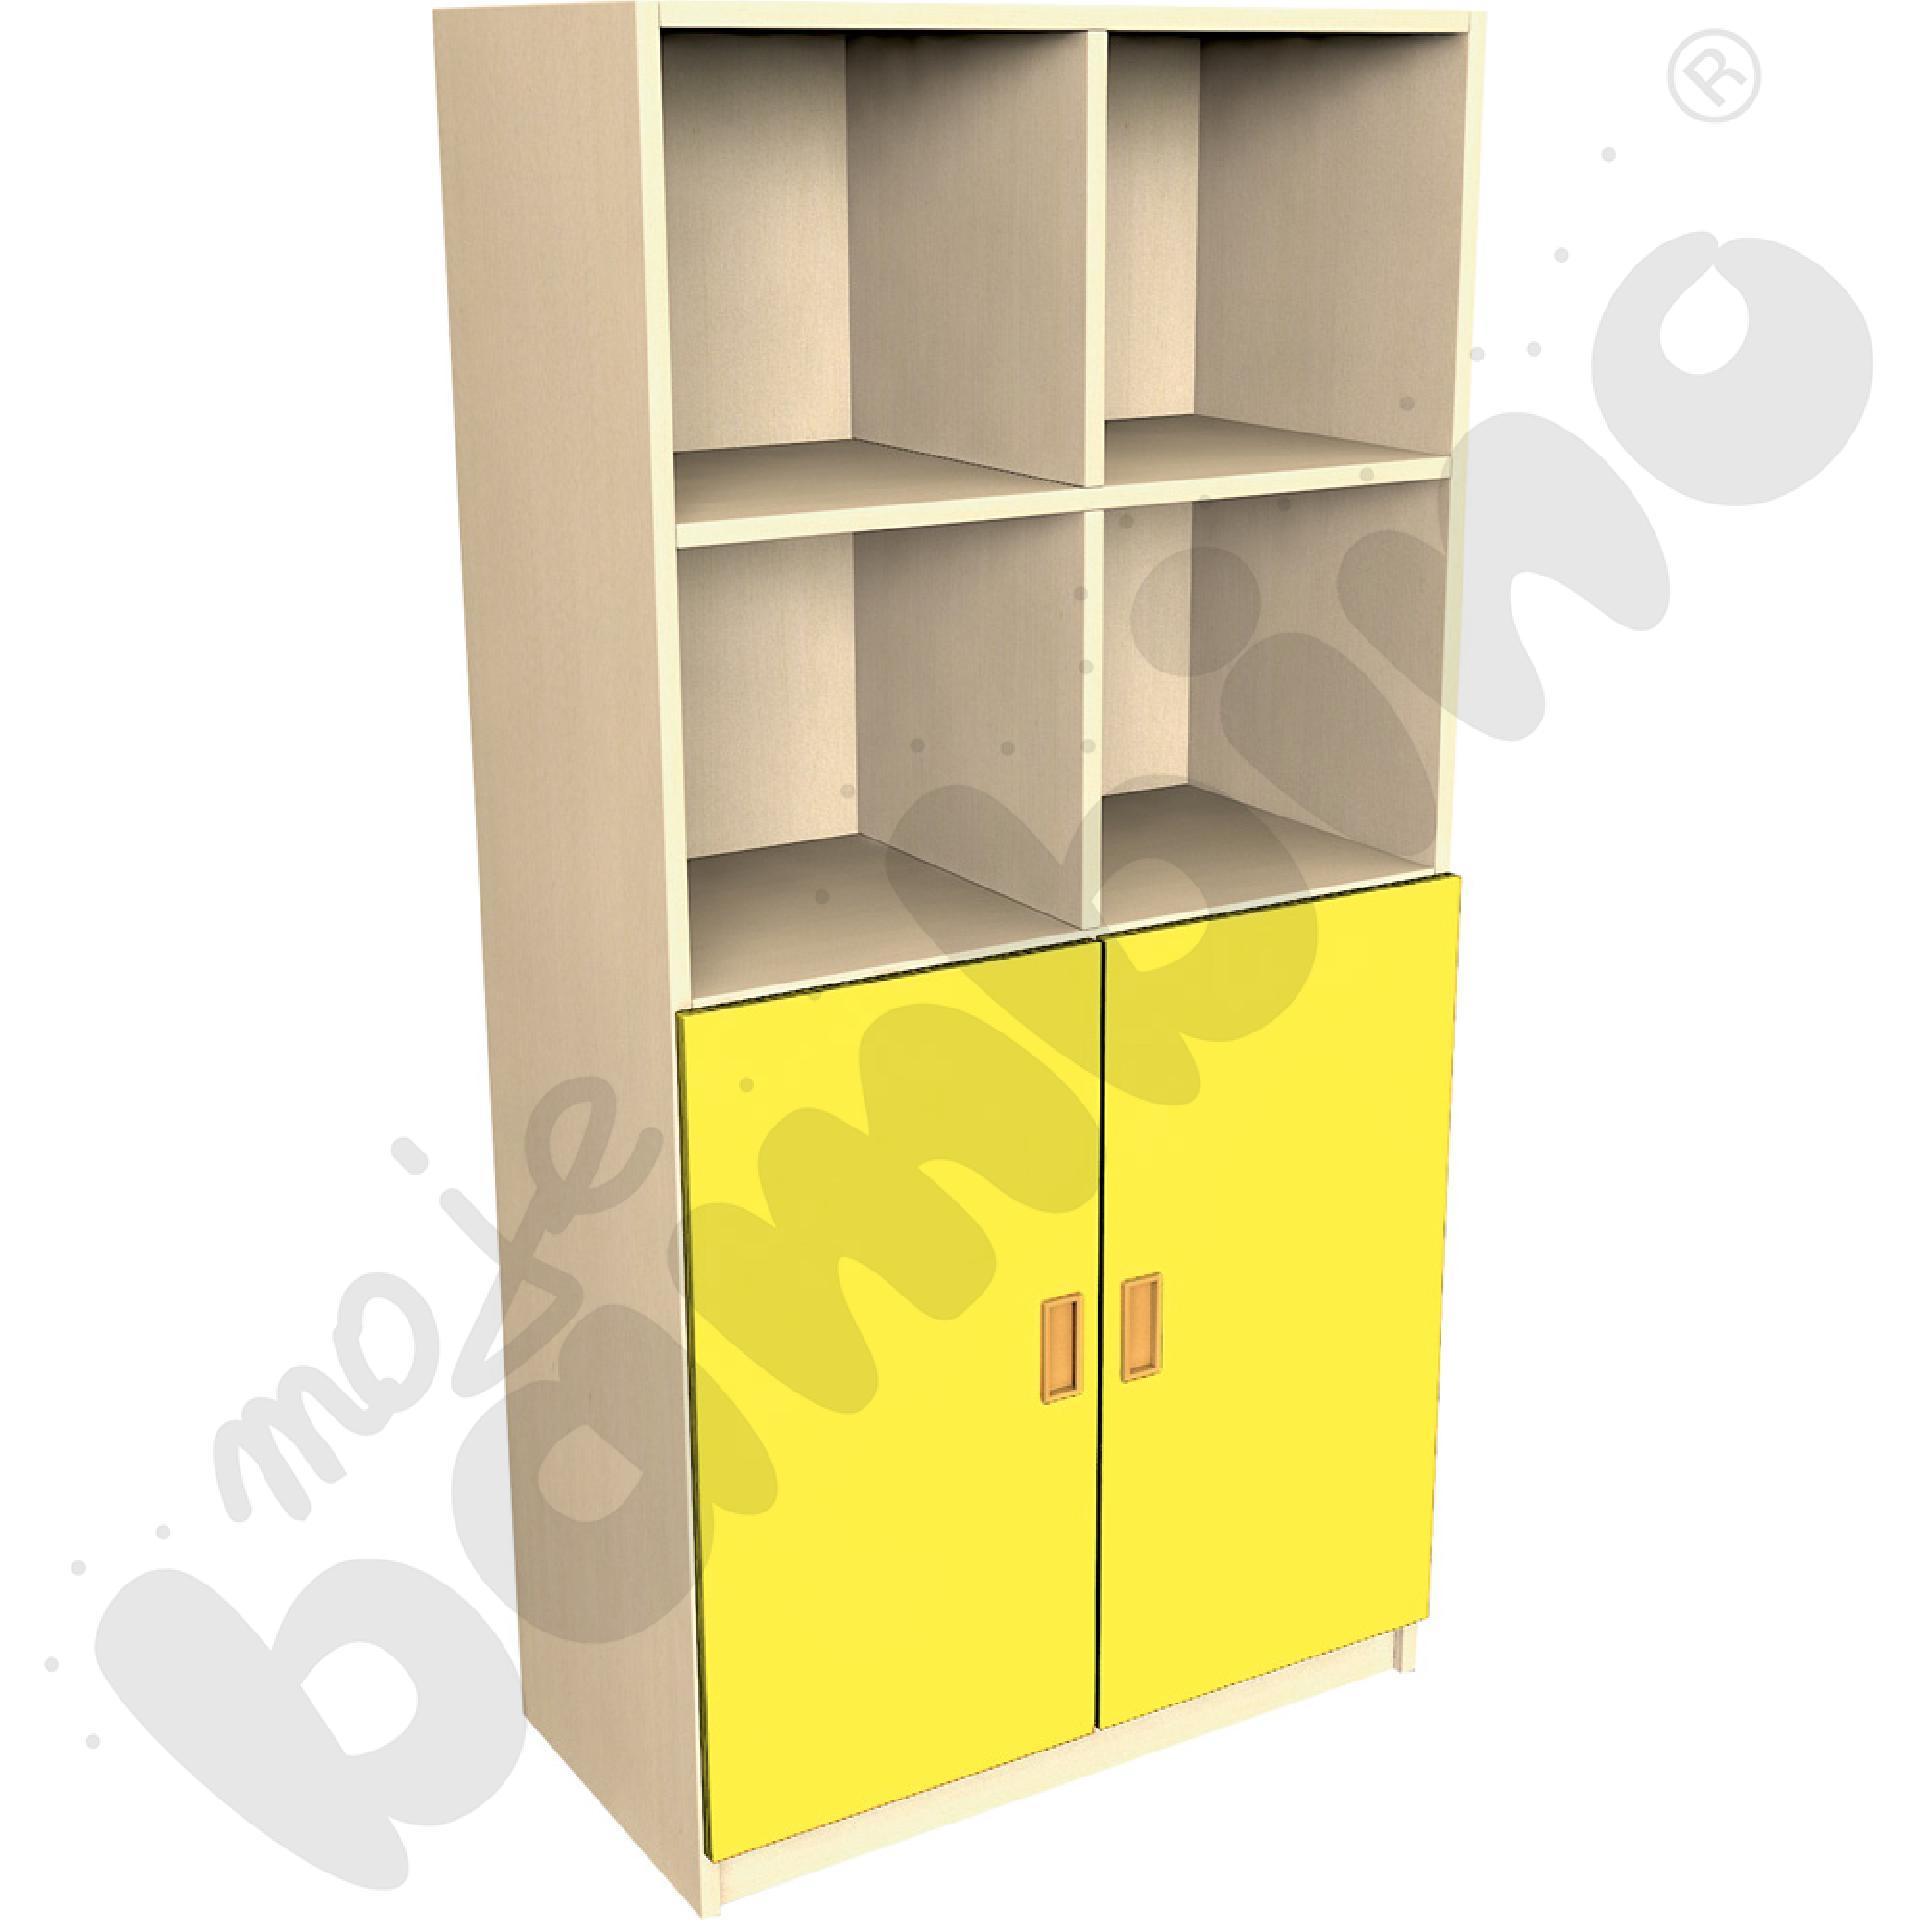 Drzwi duże do regału - żółteaaa